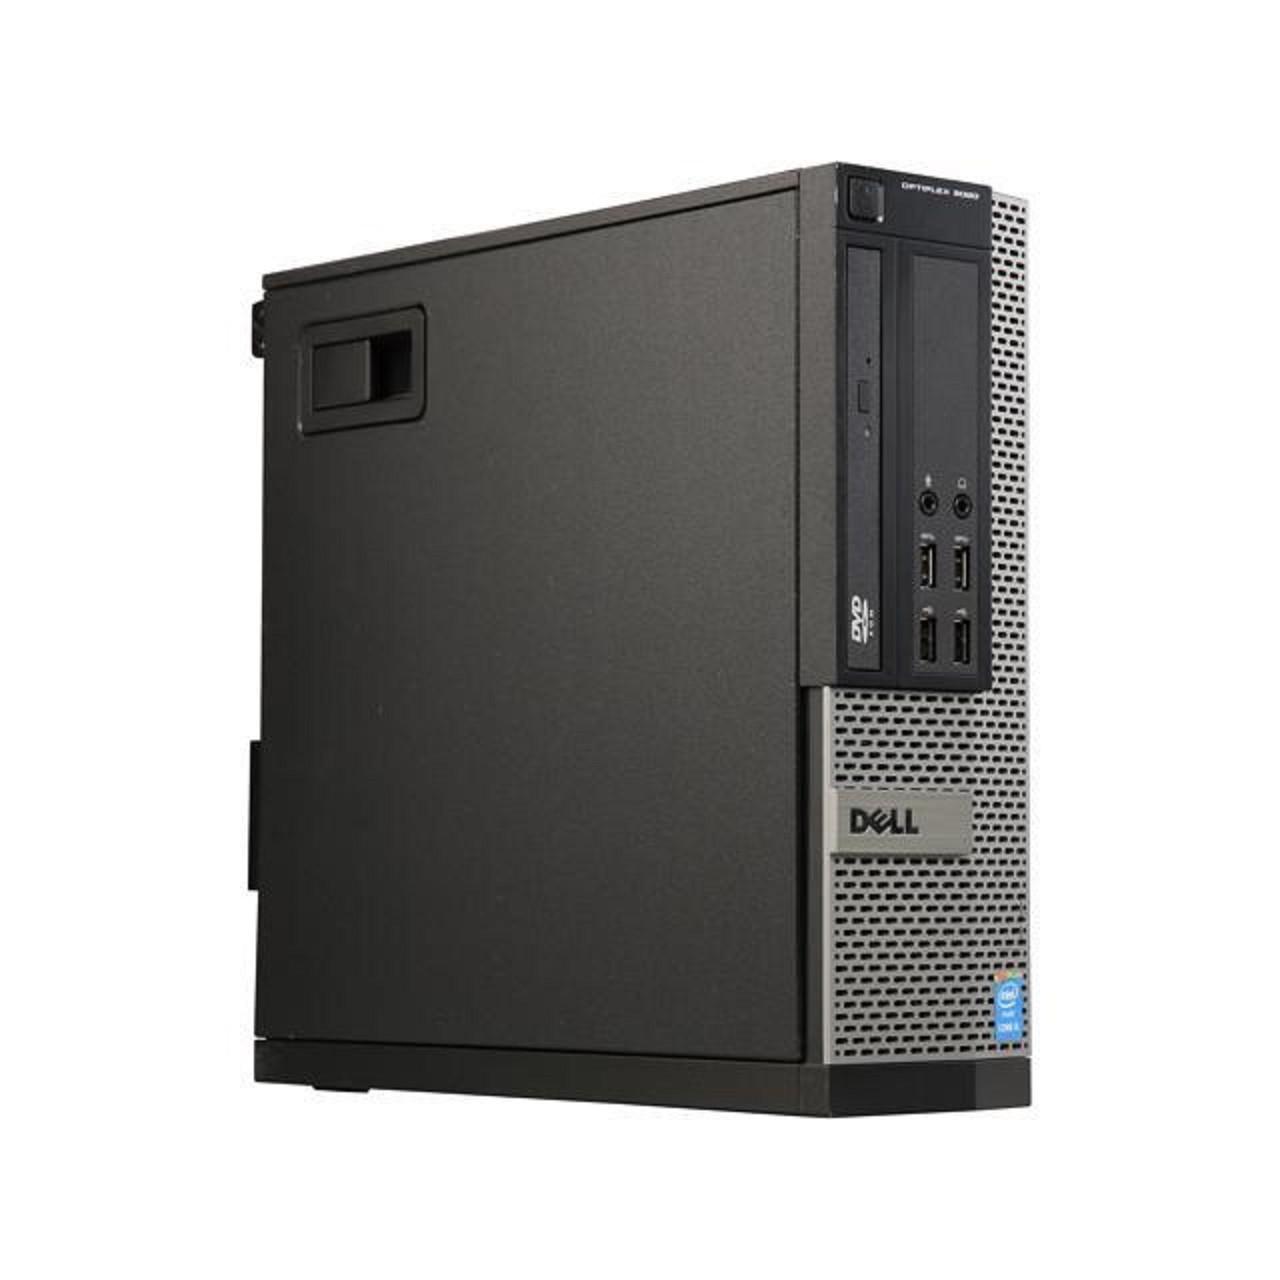 Máy tính văn phòng Dell 9020 SFF CORE i3 4130 - RAM 8GB - SSD 120GB - HDD 500GB - DÙNG CHO HỌC SINH - SINH VIÊN - VĂN PHÒNG- CẤU HÌNH MÁY CAO CHẠY NHANH MƯỢT MÀ - TẶNG USB THU WIFI VÀ BÀN DI CHUỘT - HÀNG NHẬP KHẨU